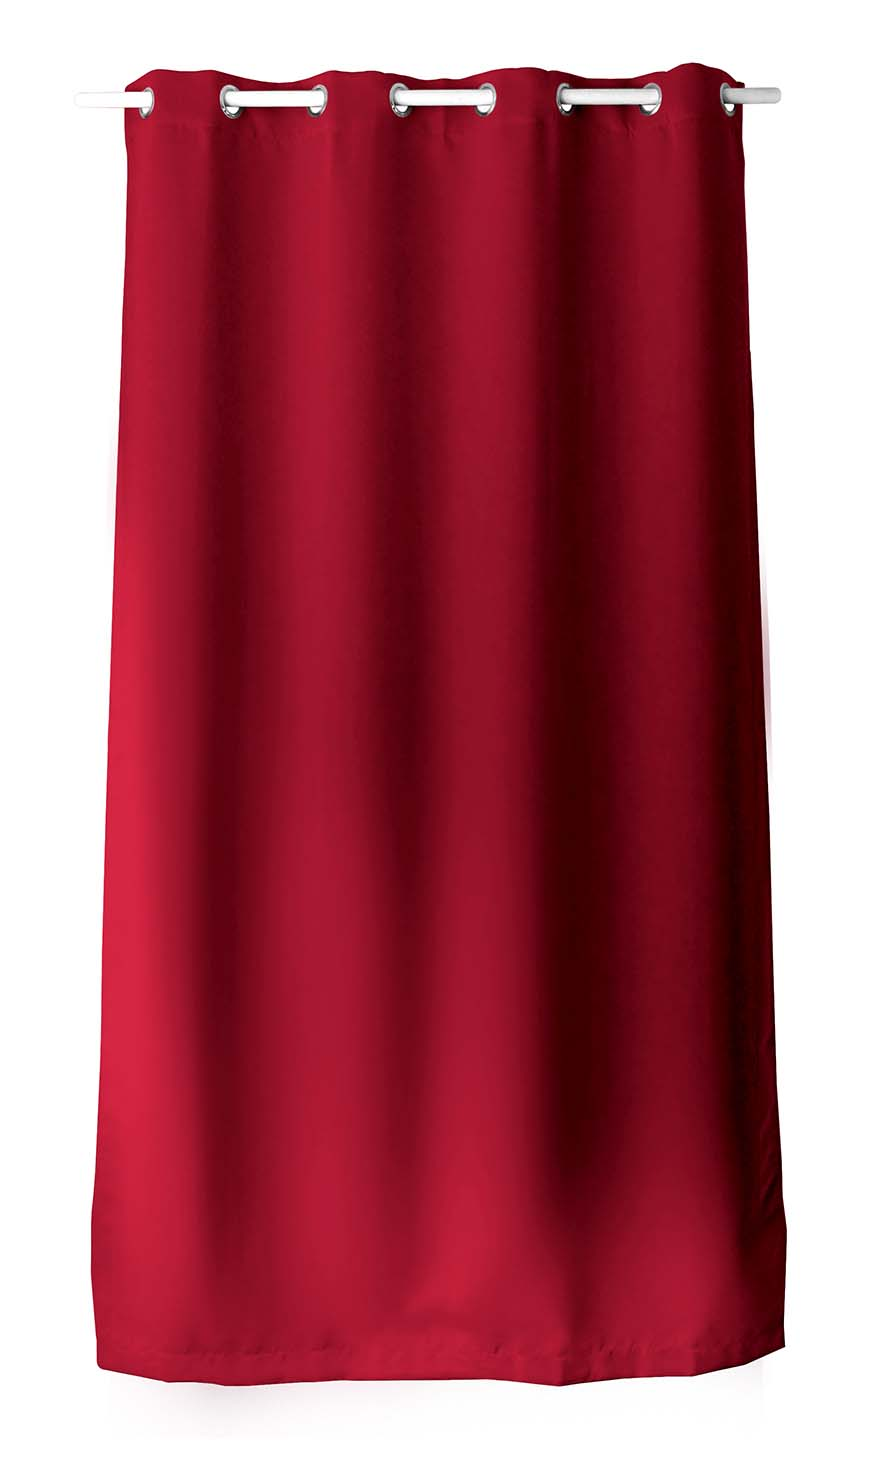 Rideau occultant uni avec 8 illets - Rouge - 140 x 240 cm